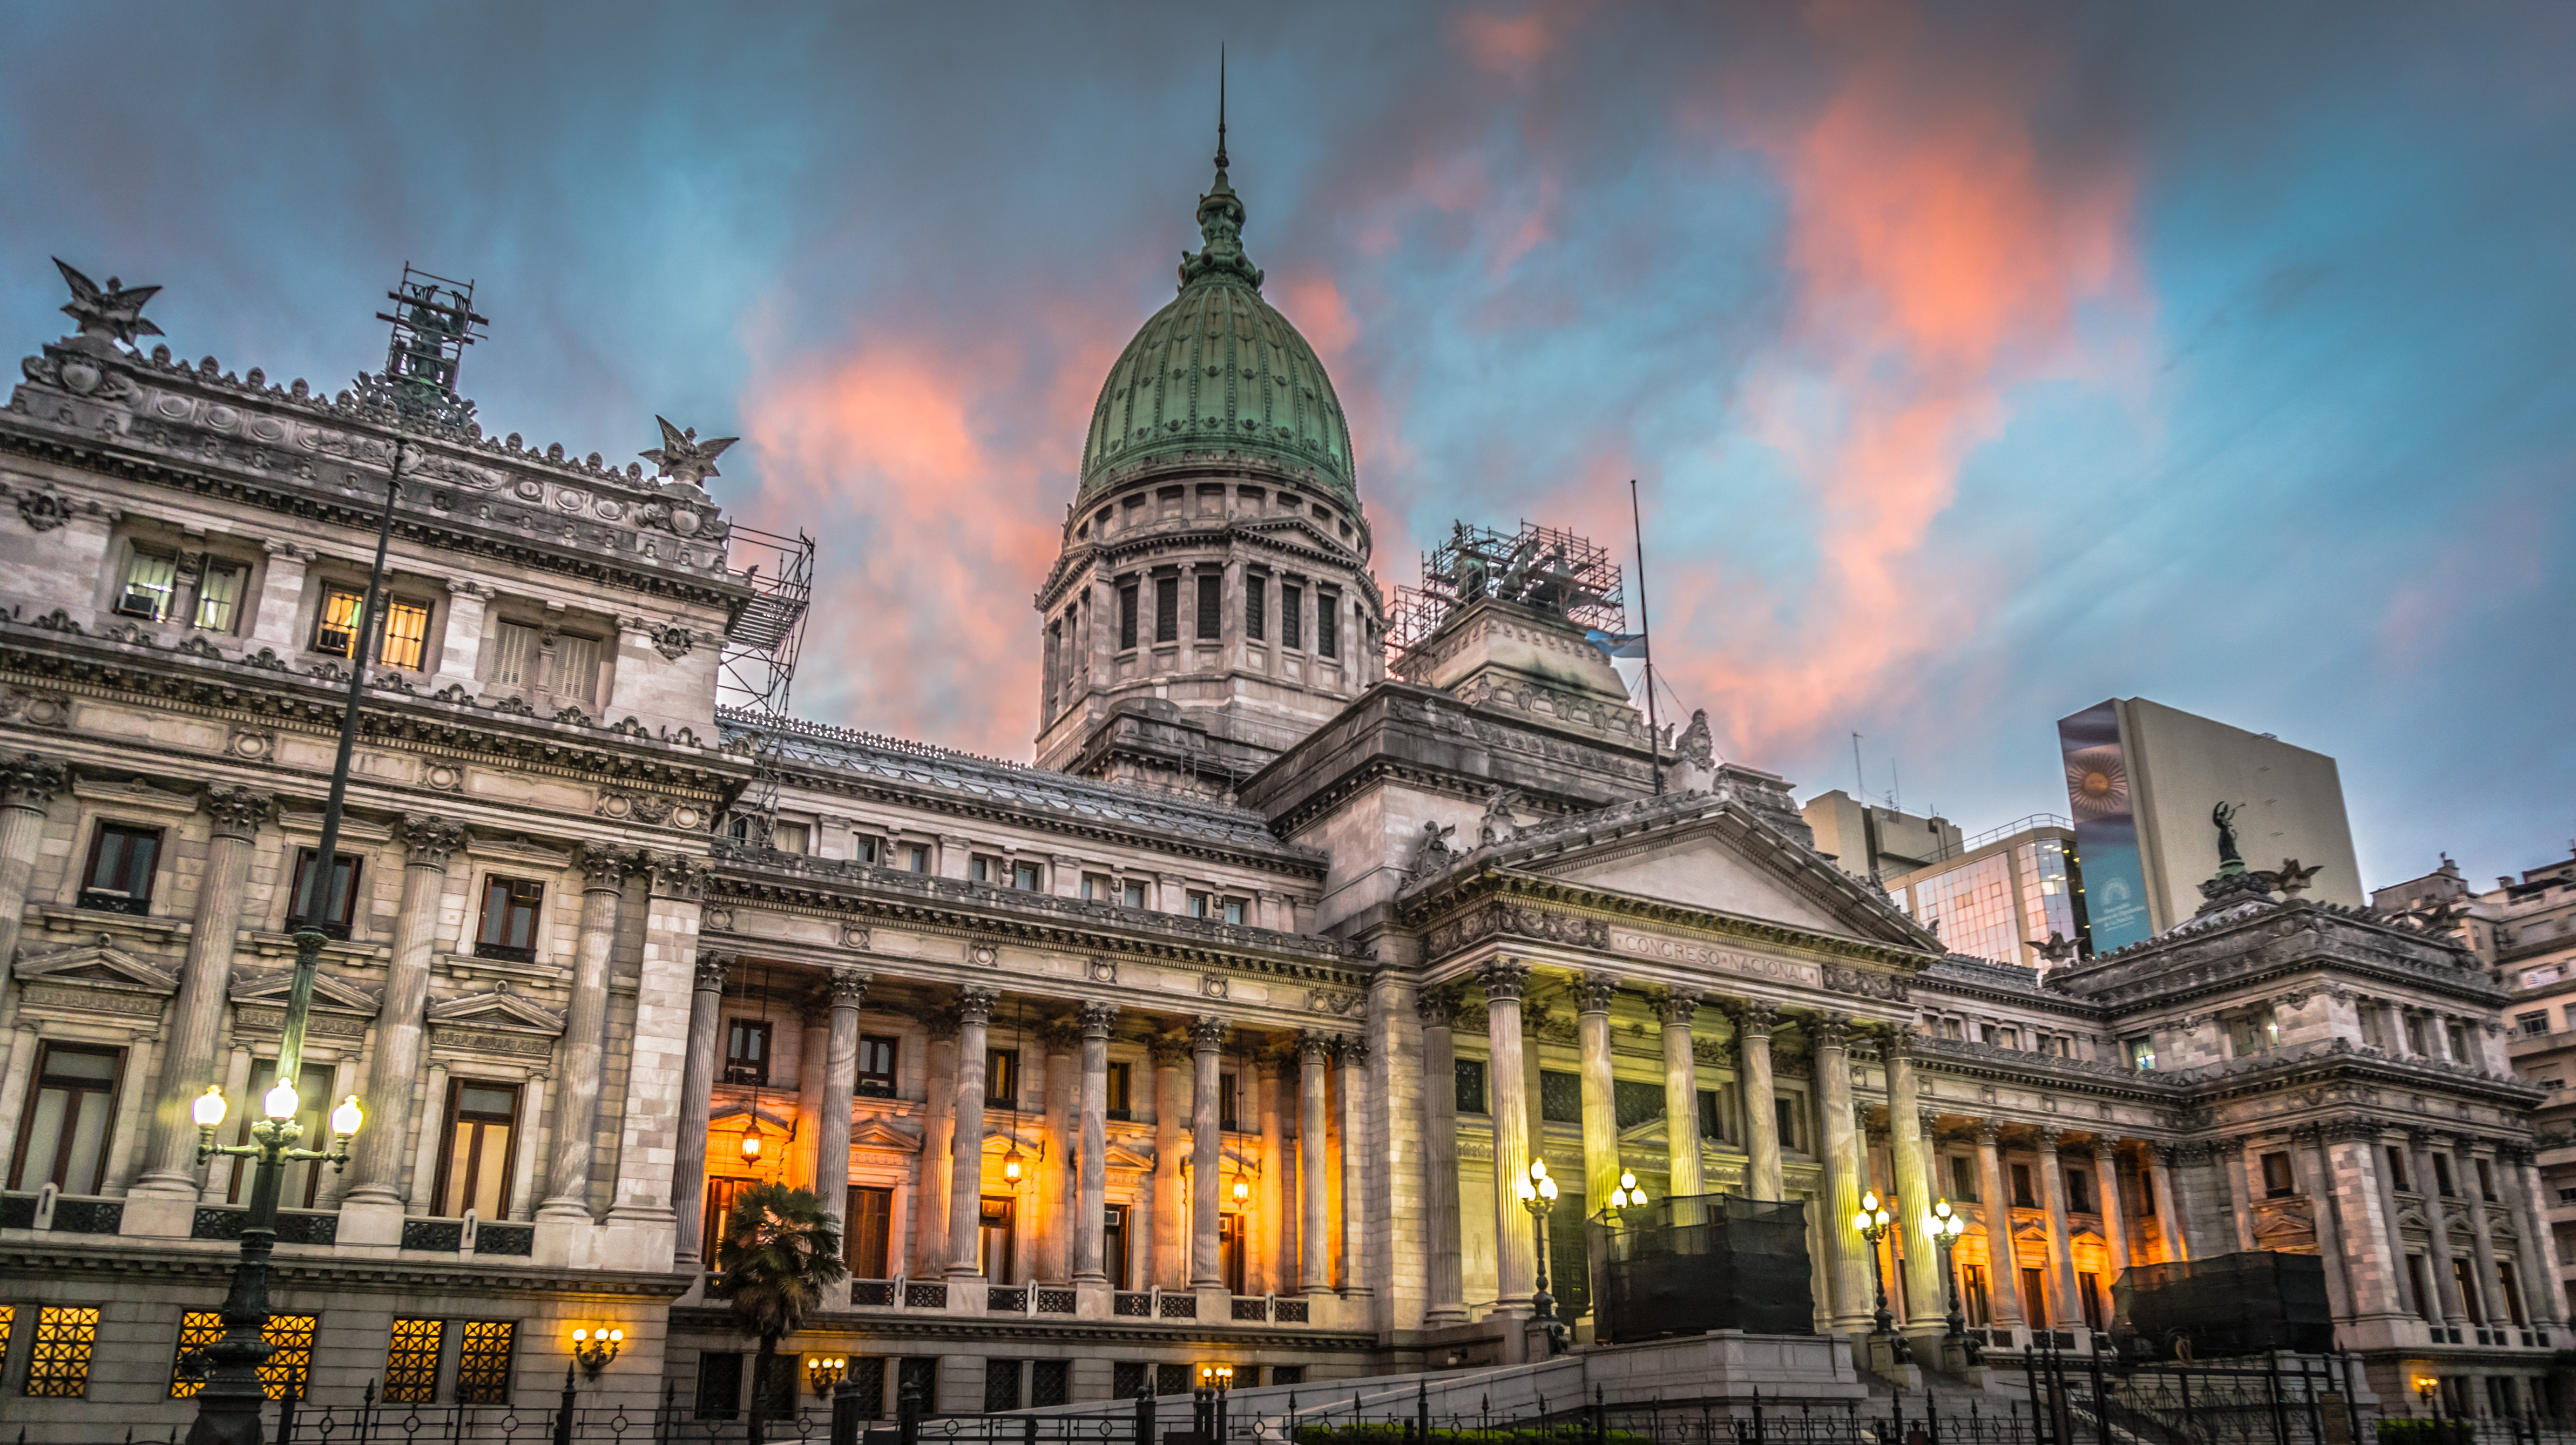 Filecongreso De La Nacion Argentina  Jpg